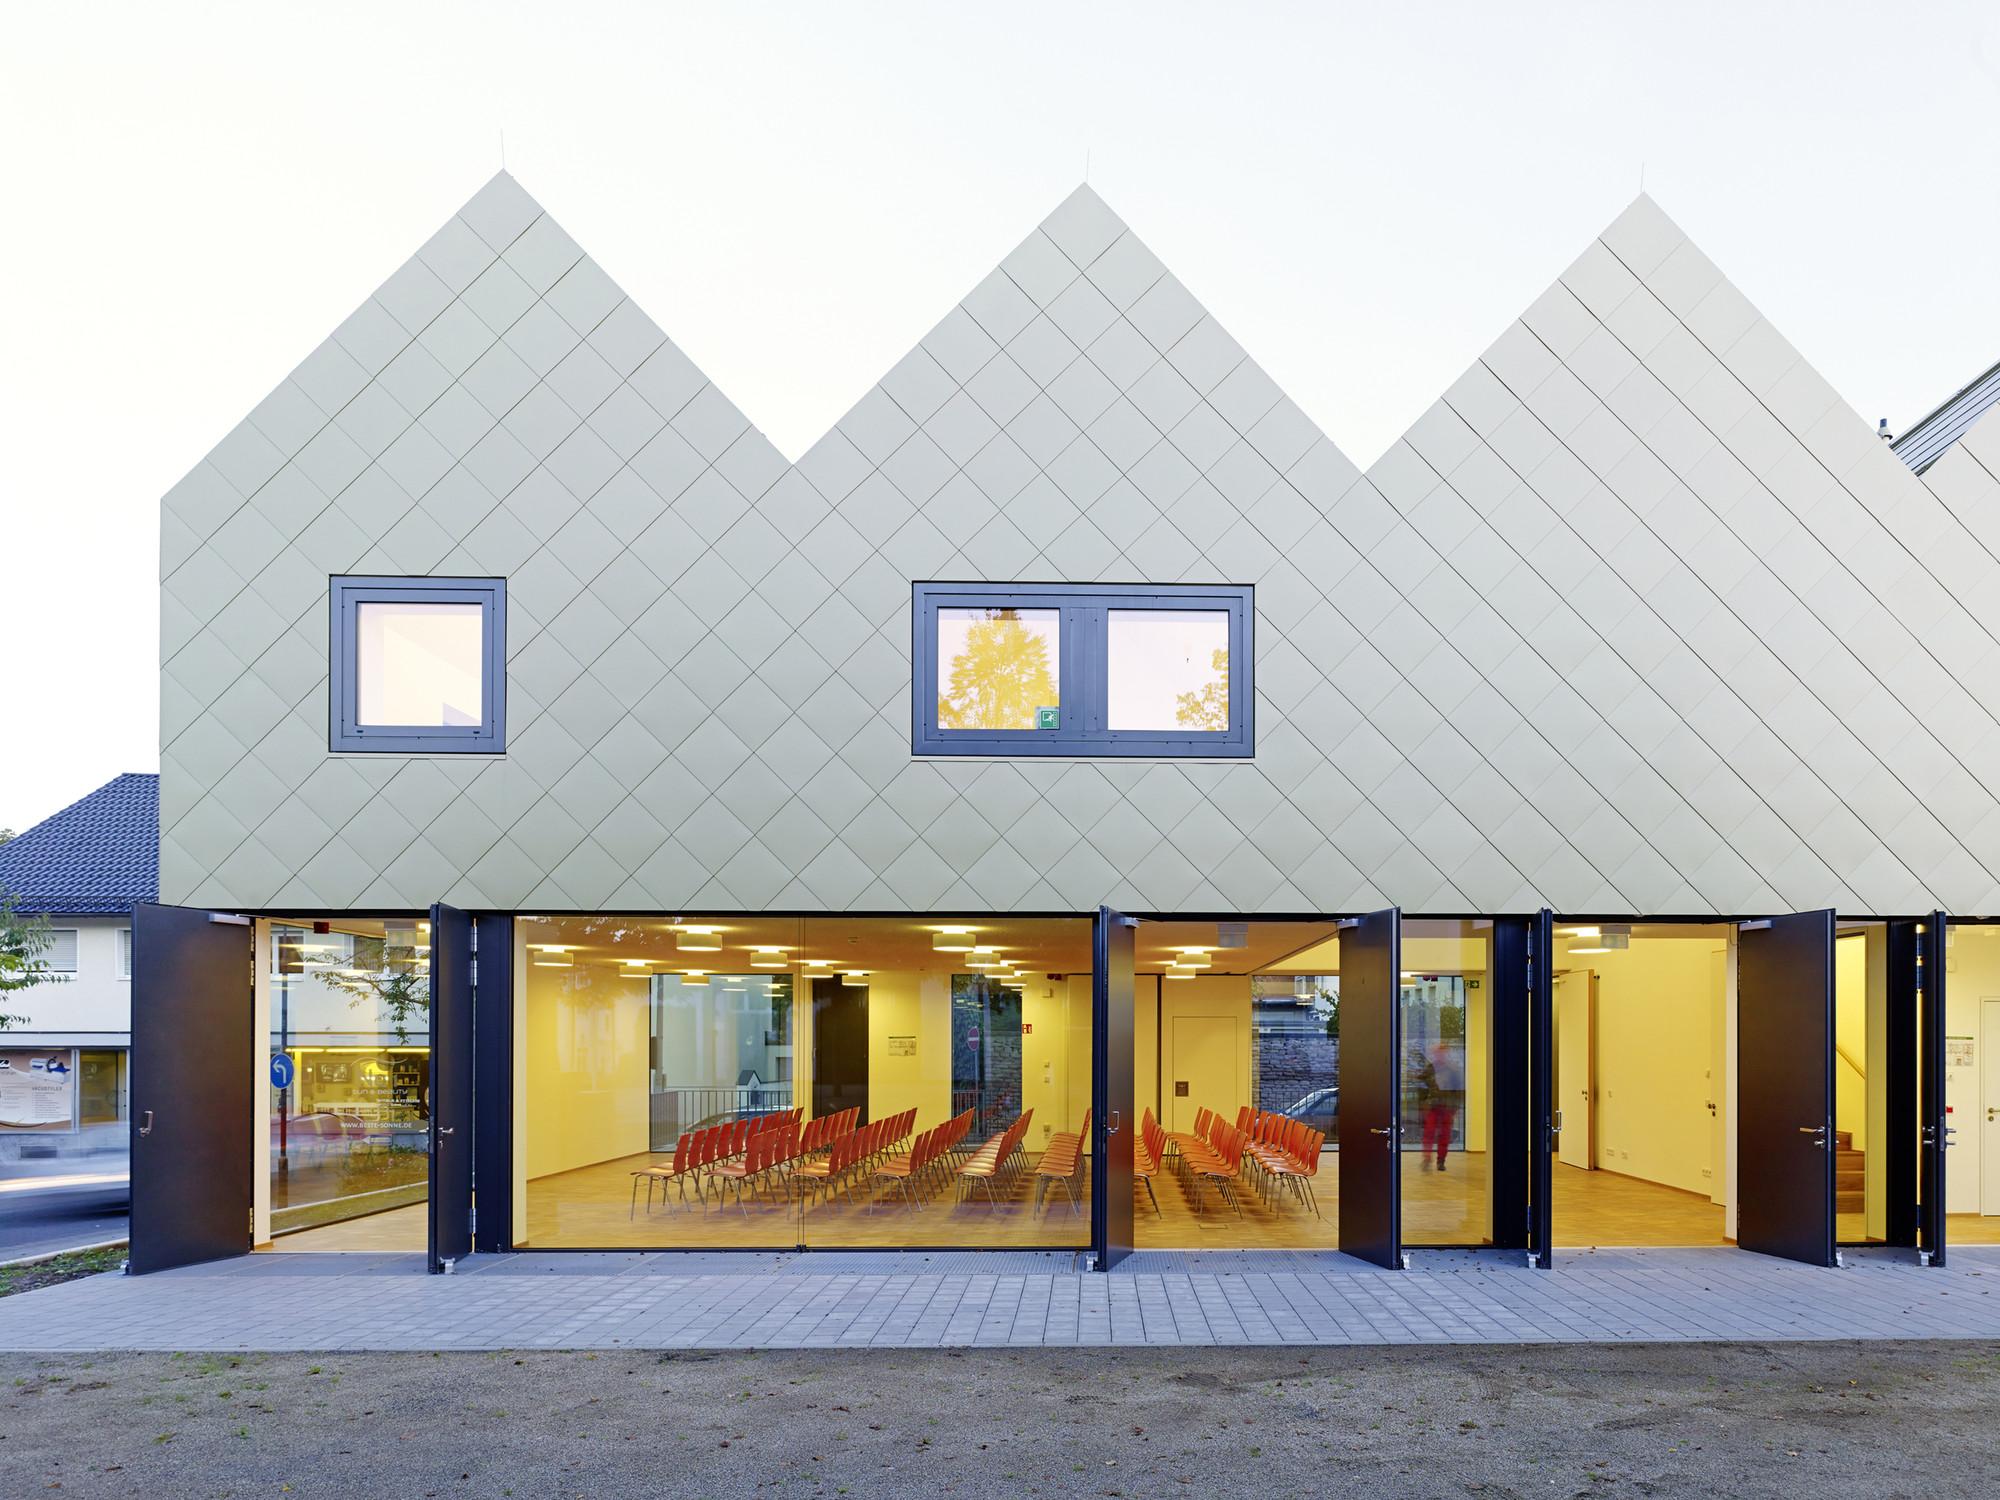 St. Gallus Community Centre / netzwerkarchitekten , © Jörg Hempel